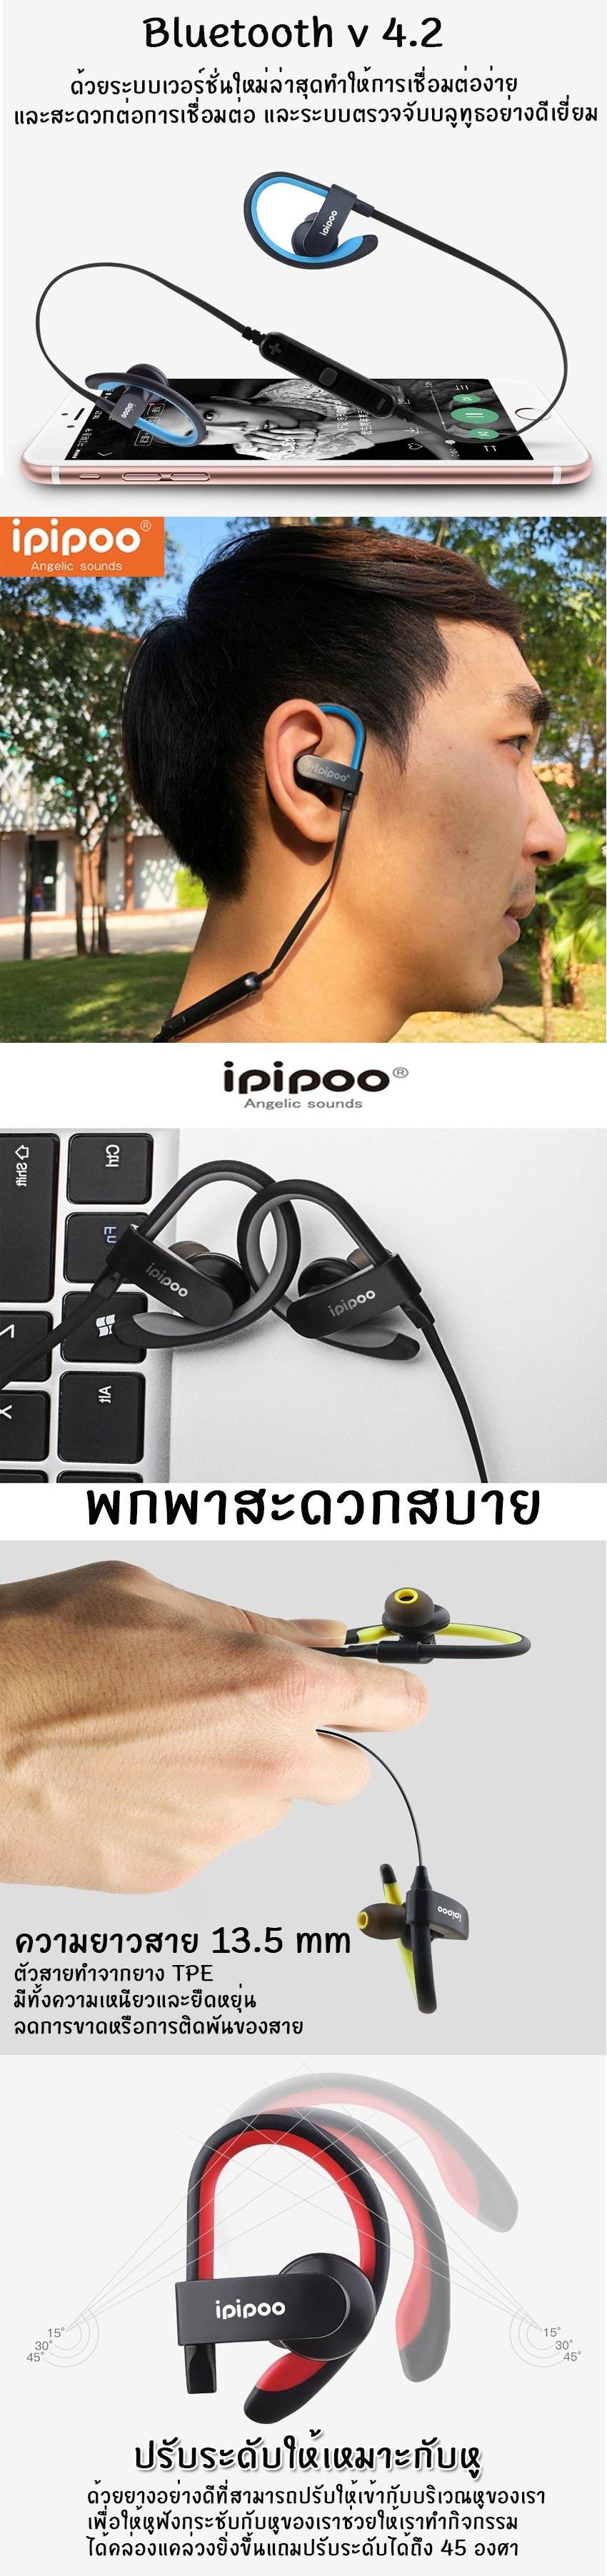 ซื้อ หูฟัง IPIPOO Inear with Mic. Wireless IL-804BL Grey หูฟังบลูทูธ, หูฟังไร้สาย, หูฟัง Bluetooth, หูฟัง Wireless, หูฟังอินเอียร์, หูฟังแบบสอดหู, หูฟังออกกำลังกาย, หูฟังกันน้ำ, หูฟังเสียงดี, ราคาพิเศษ พร้อมโปรโมชั่นลดราคา ส่งฟรี ส่งเร็ว ทั่วไทย เฉพาะที่ www.bananastore.com